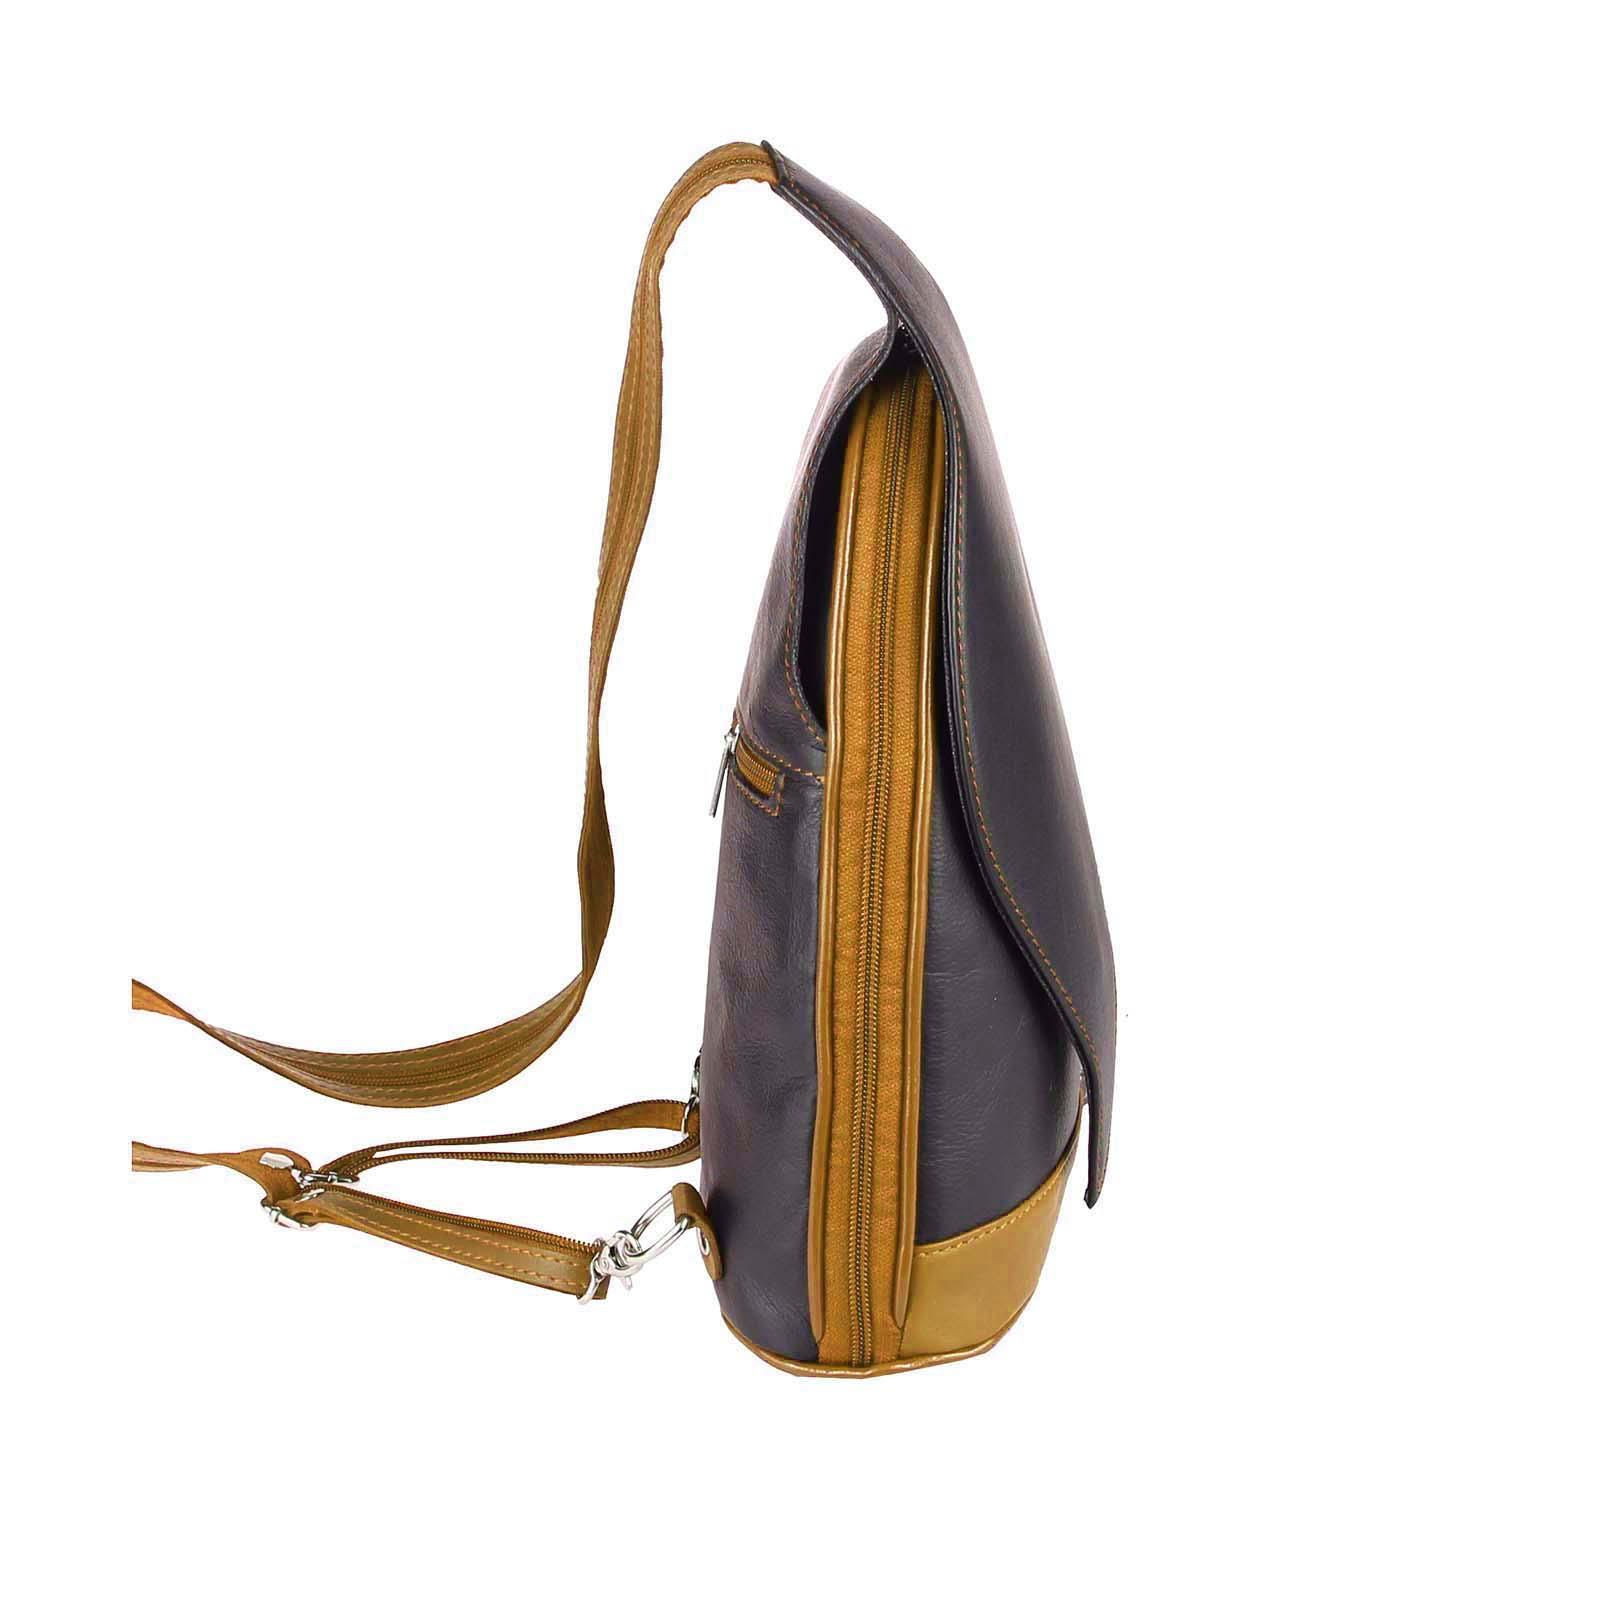 ITALY-DAMEN-LEDER-RUCKSACK-Schulter-Tasche-Reise-BACKPACK-Lederrucksack-it-BAG Indexbild 75